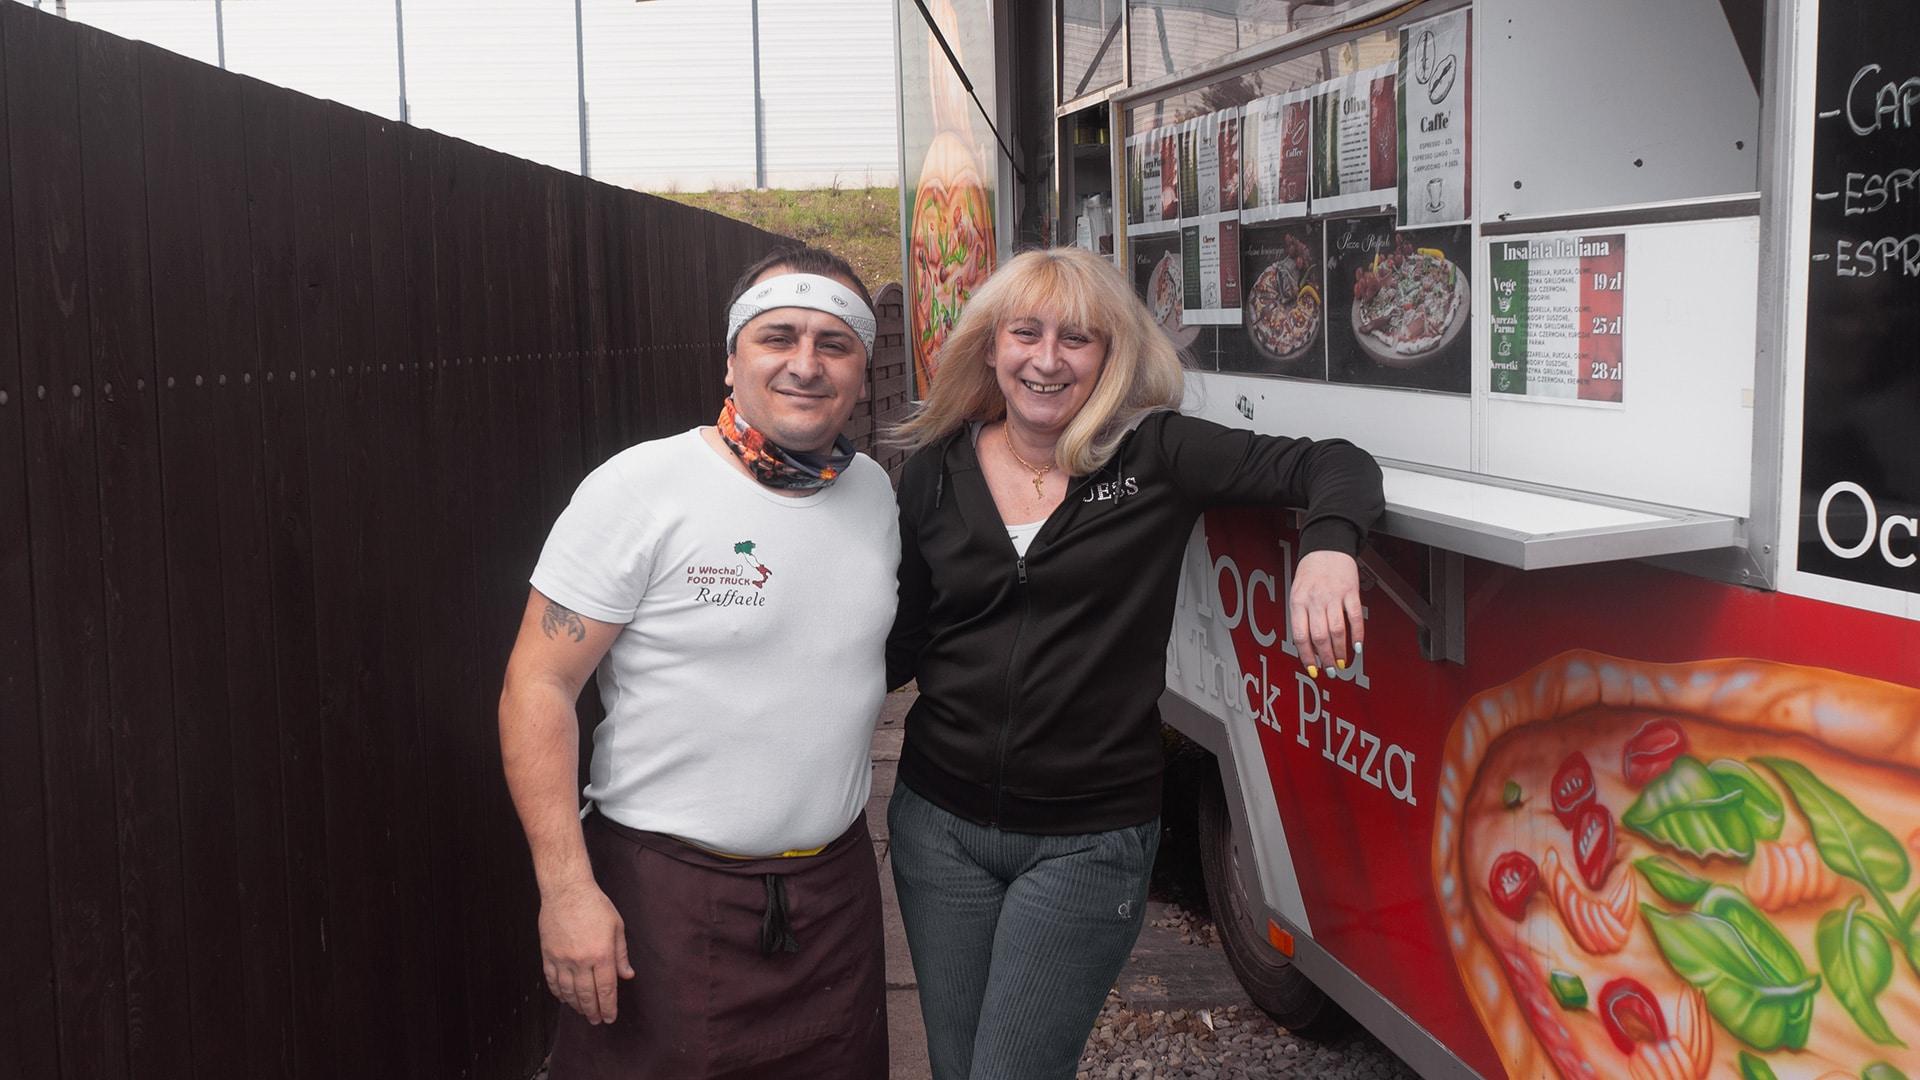 """U Włocha Food Truck zaprasza na Balicką 69a. Raffaele Esposto mówi: """"Zapraszam wszystkich, bo moje motto jest: spróbujesz, jesteś mój."""""""